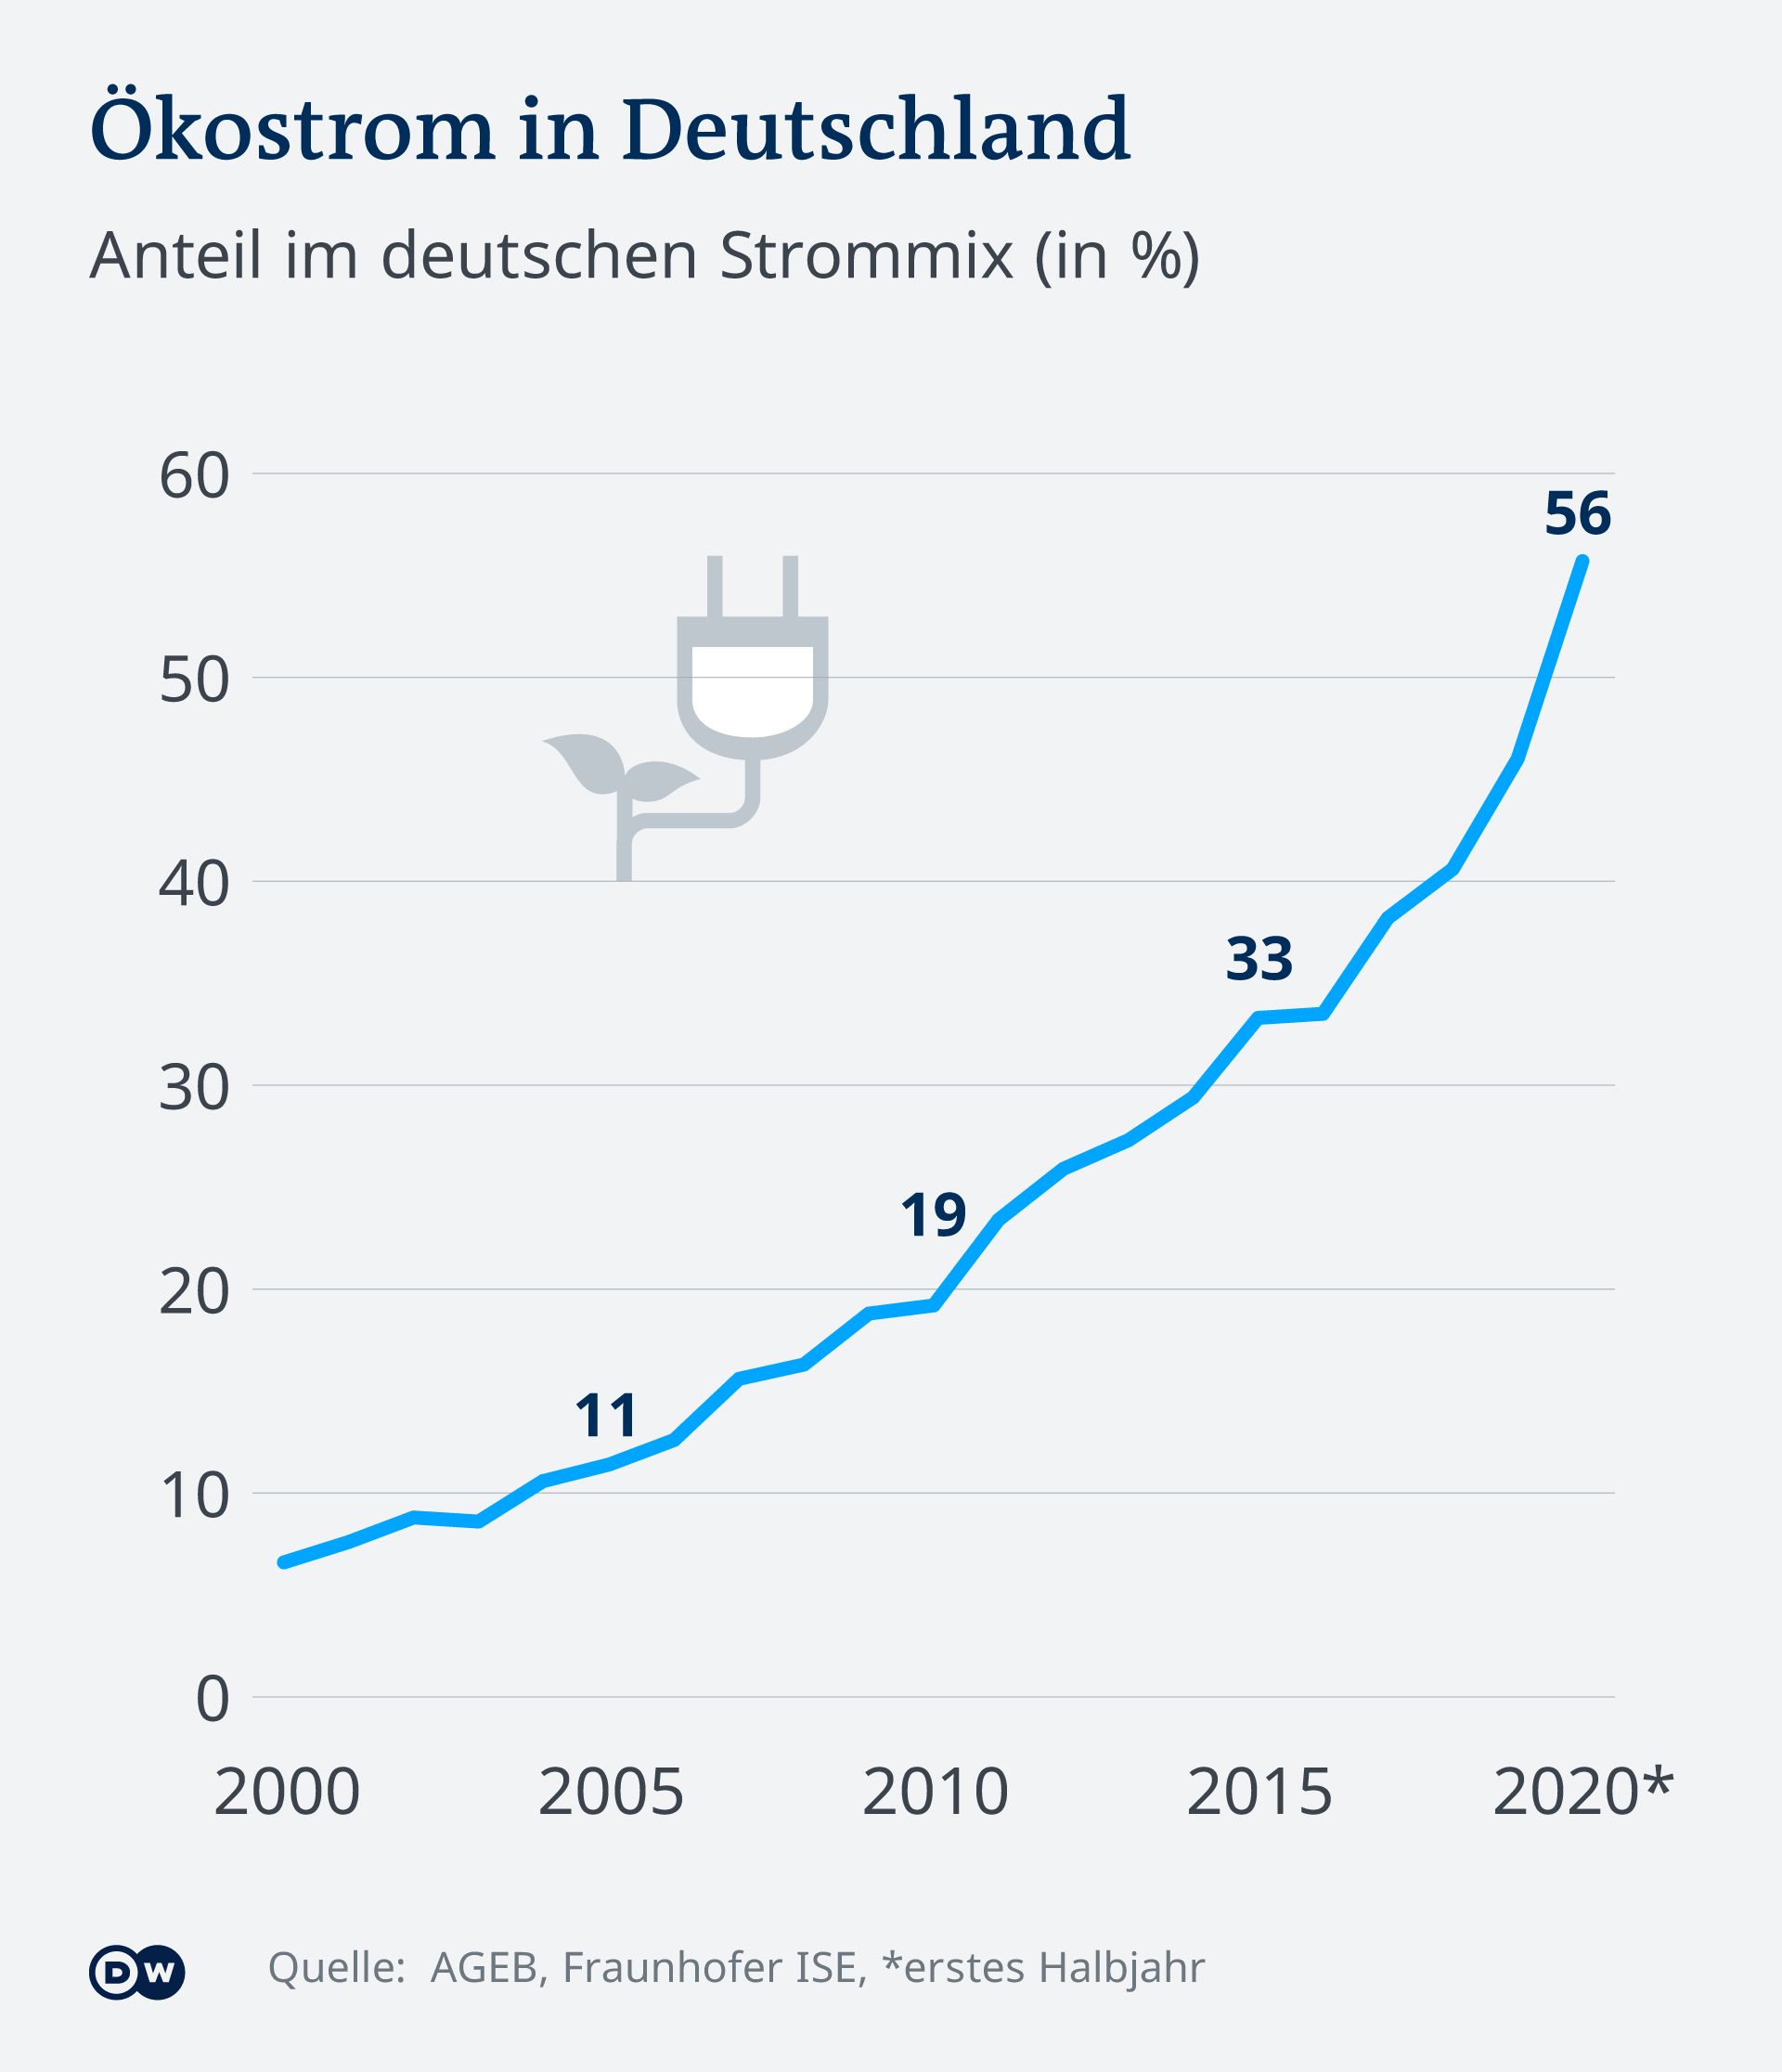 DW-Infografik: Ökostrom-Zuwachs in Deutschland von 7 % im Jahr 2000 auf 56% im Jahr 2020 (erstes Halbjahr)